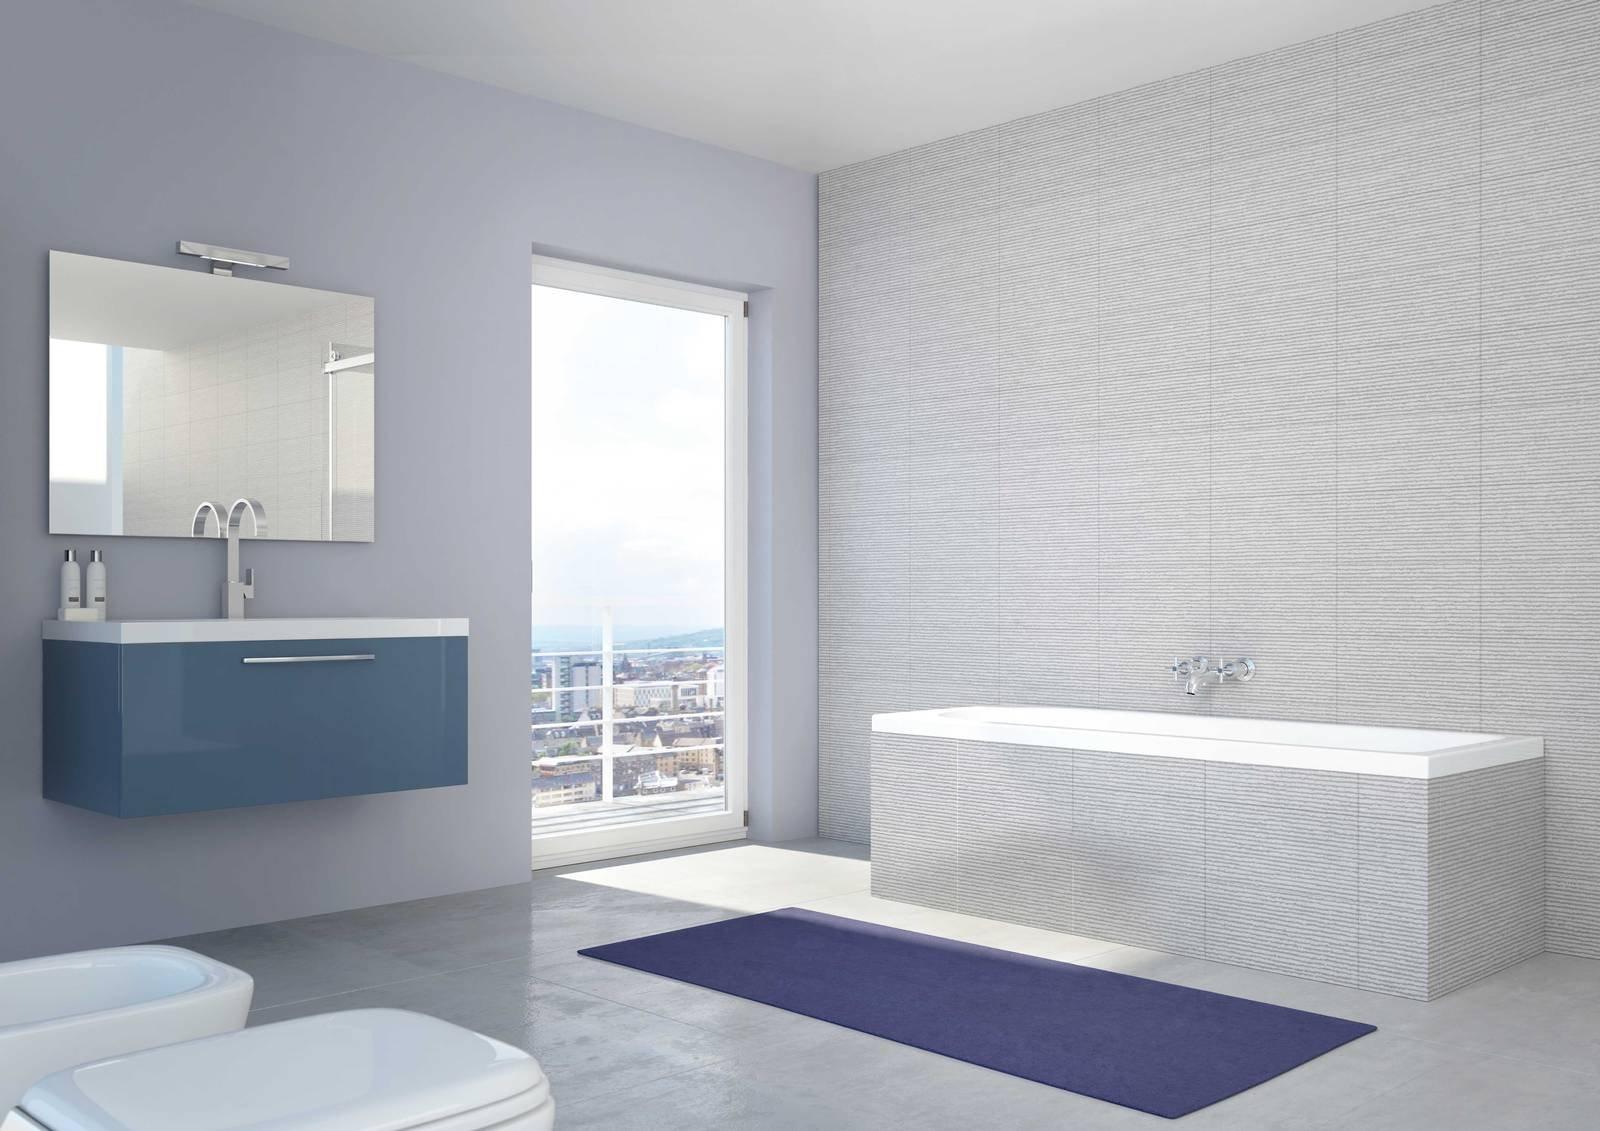 Vasca Da Bagno Del Tempo : Dimensioni vasca da bagno modelli per tutti vasche da bagno